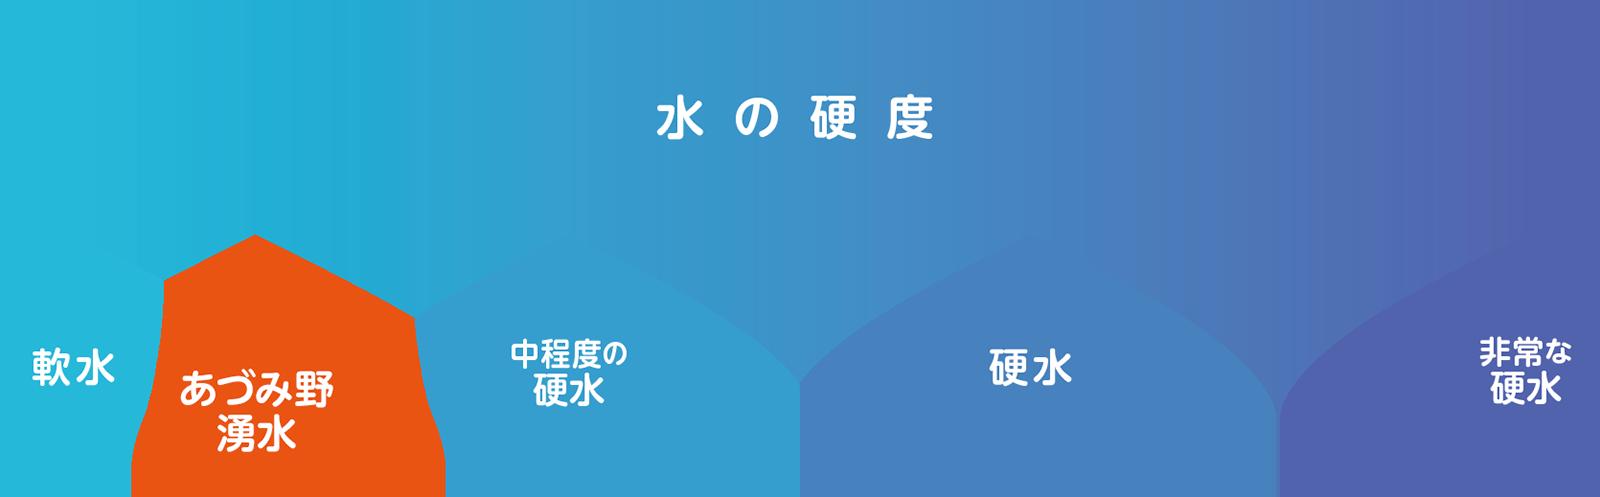 あづみ野湧水の硬度